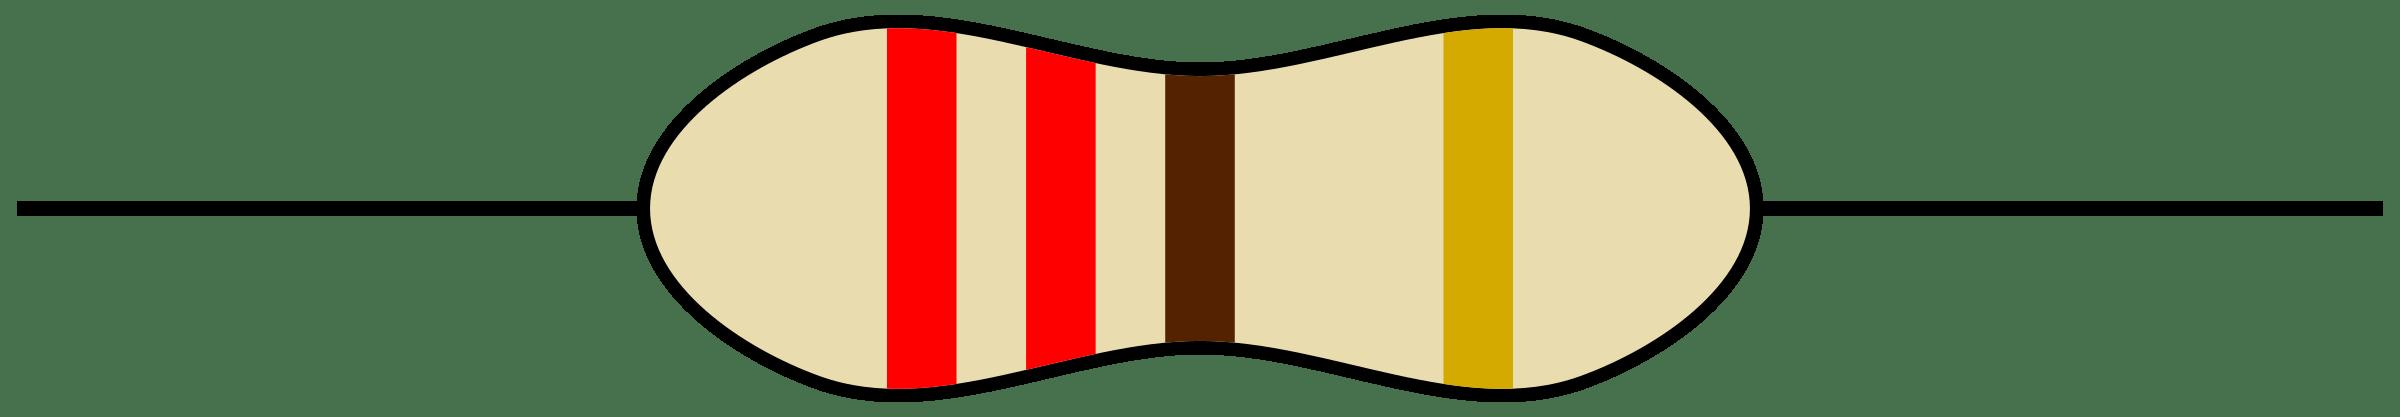 Resistor clipart 2 » Clipart Portal.